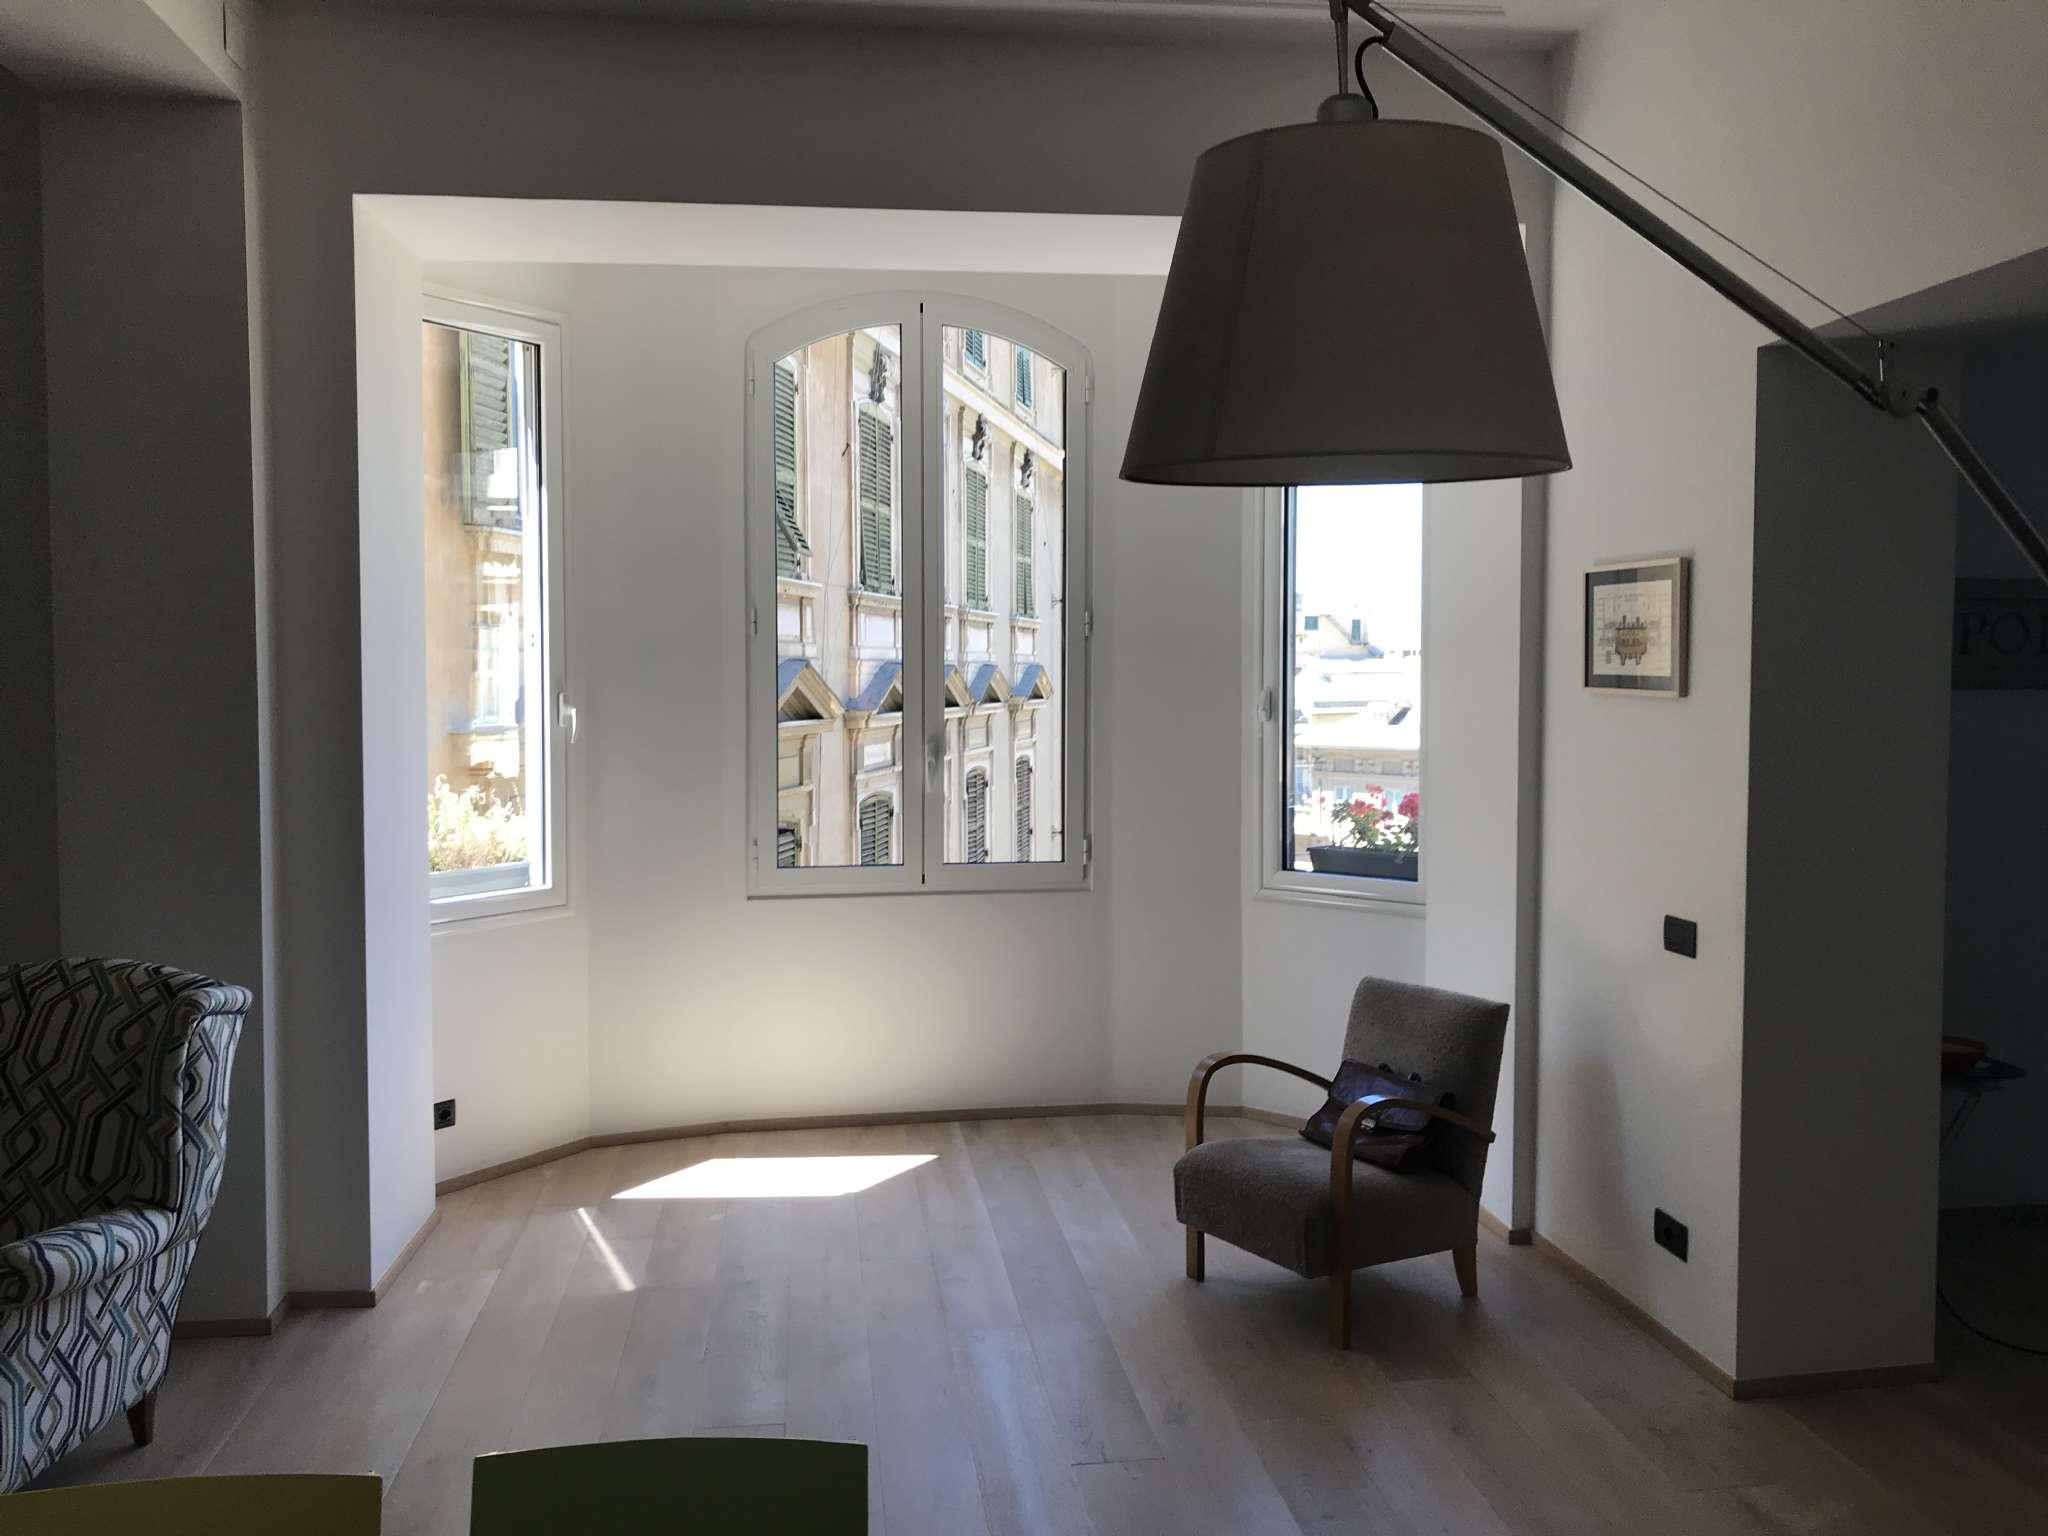 Foto 1 di Appartamento via Raggio, Genova (zona Centro città)